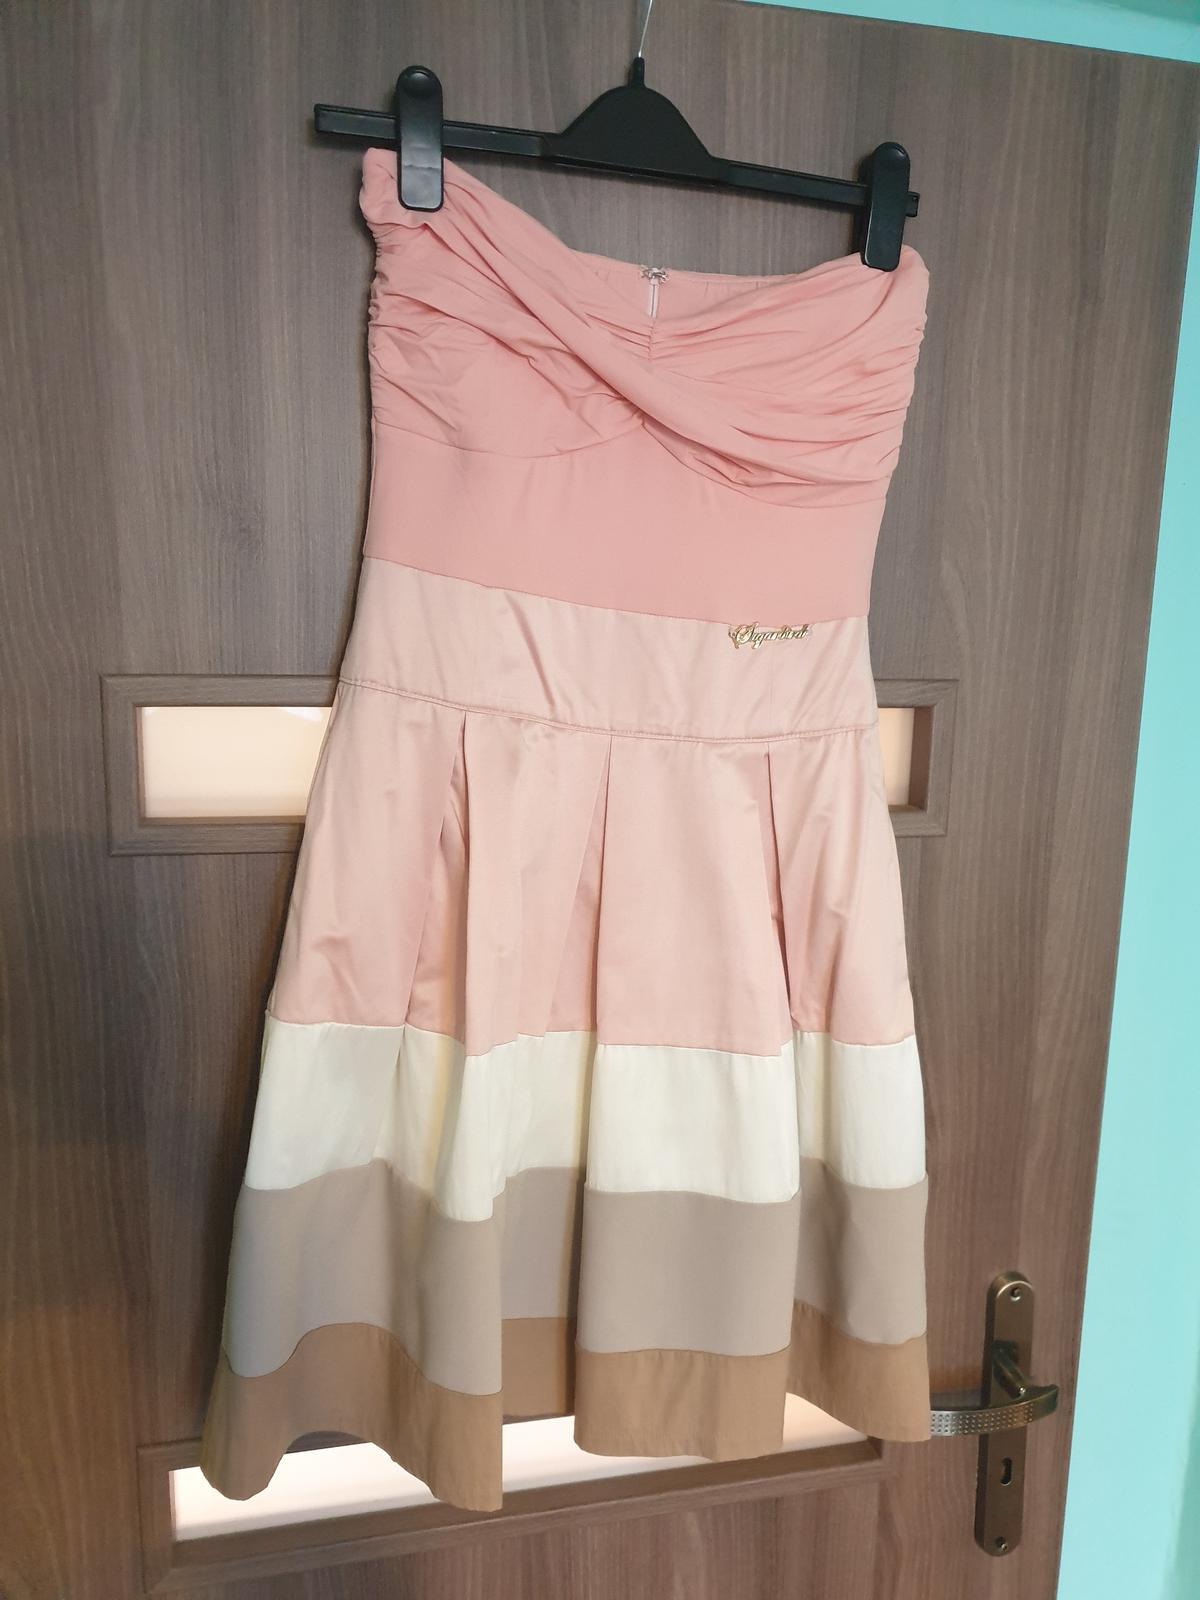 spoločenske šaty - Obrázok č. 1